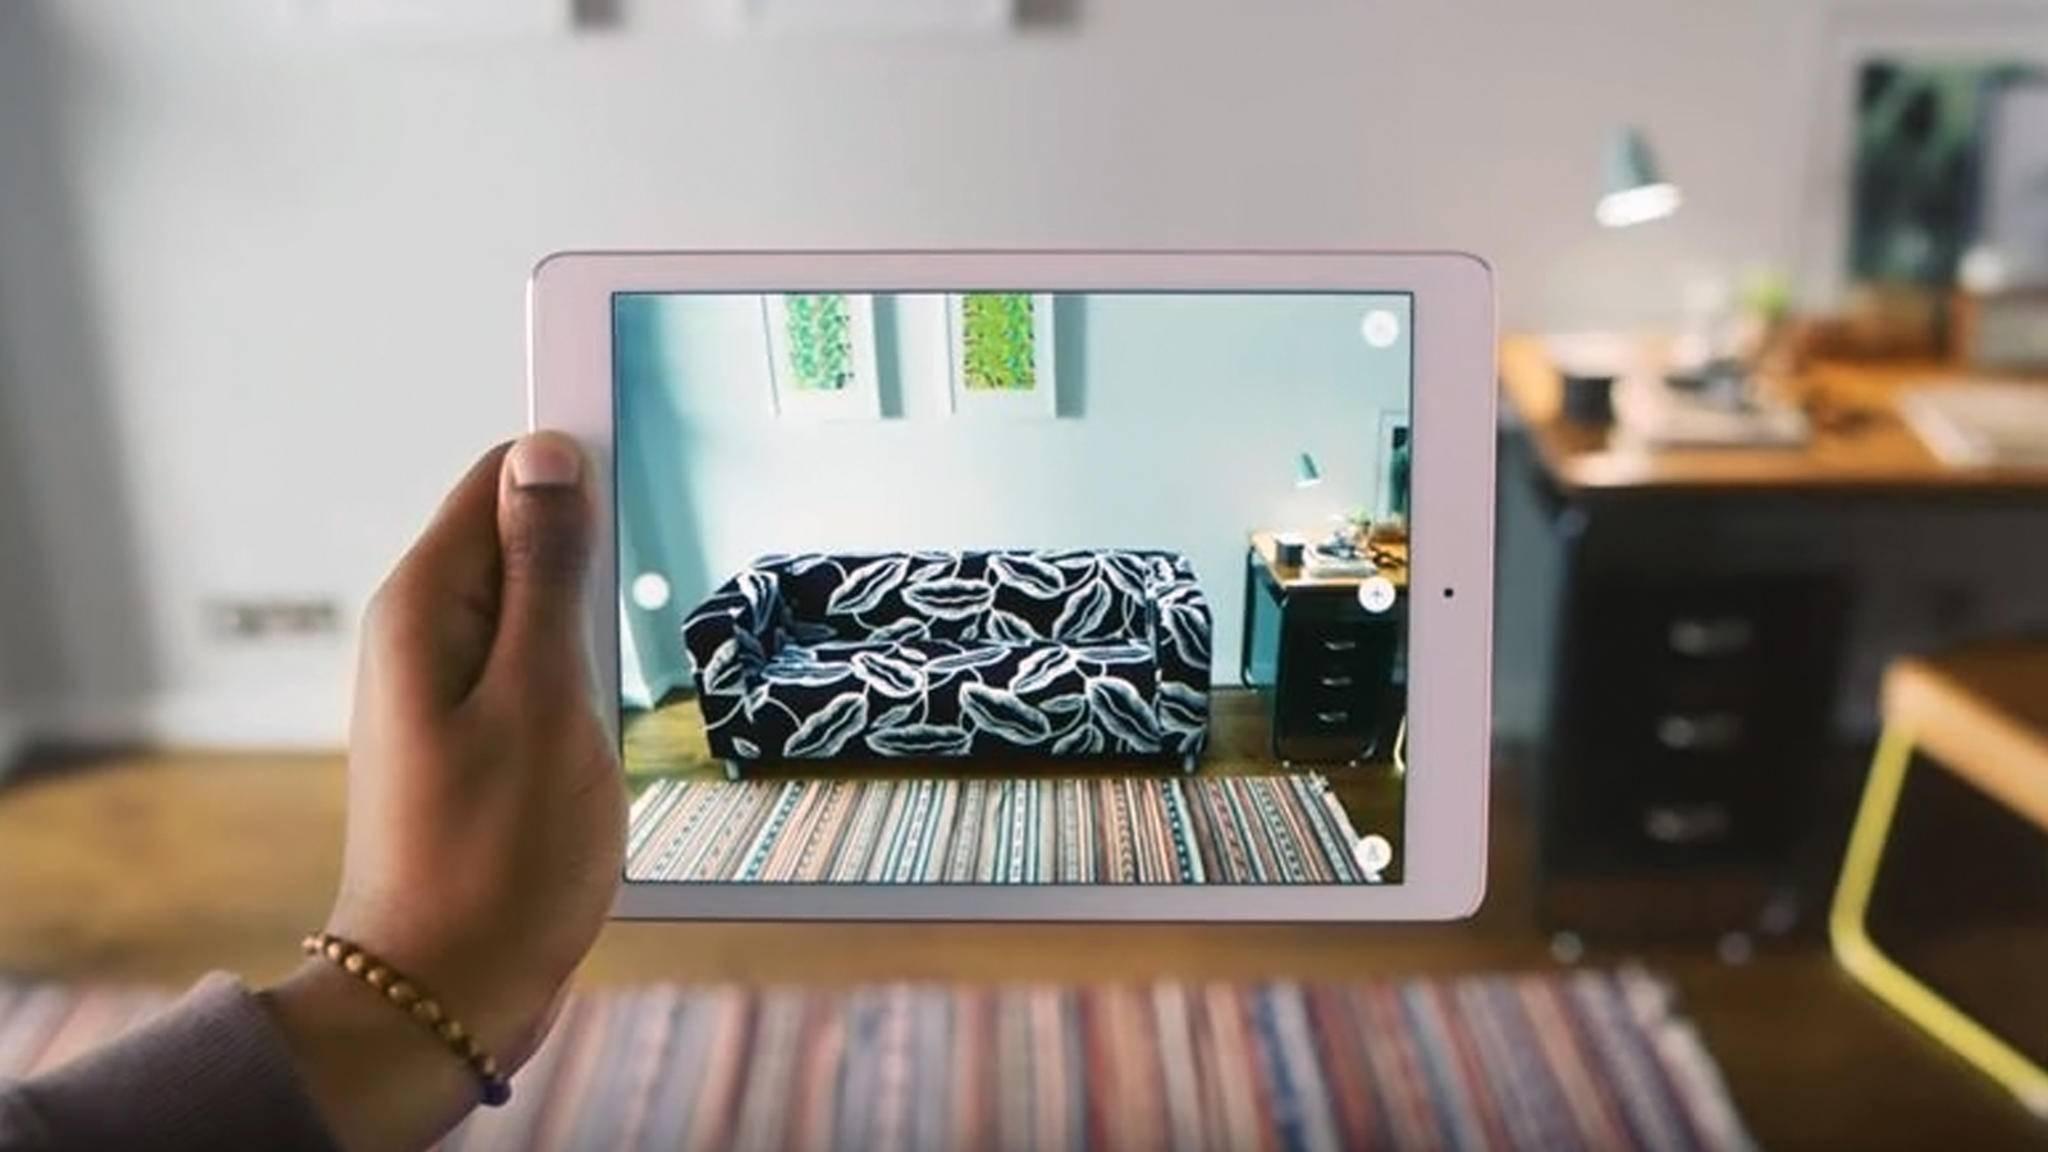 Wohnungsplaner-Apps wie Ikea Place helfen Dir dabei, Deine Wohnung virtuell zu gestalten.